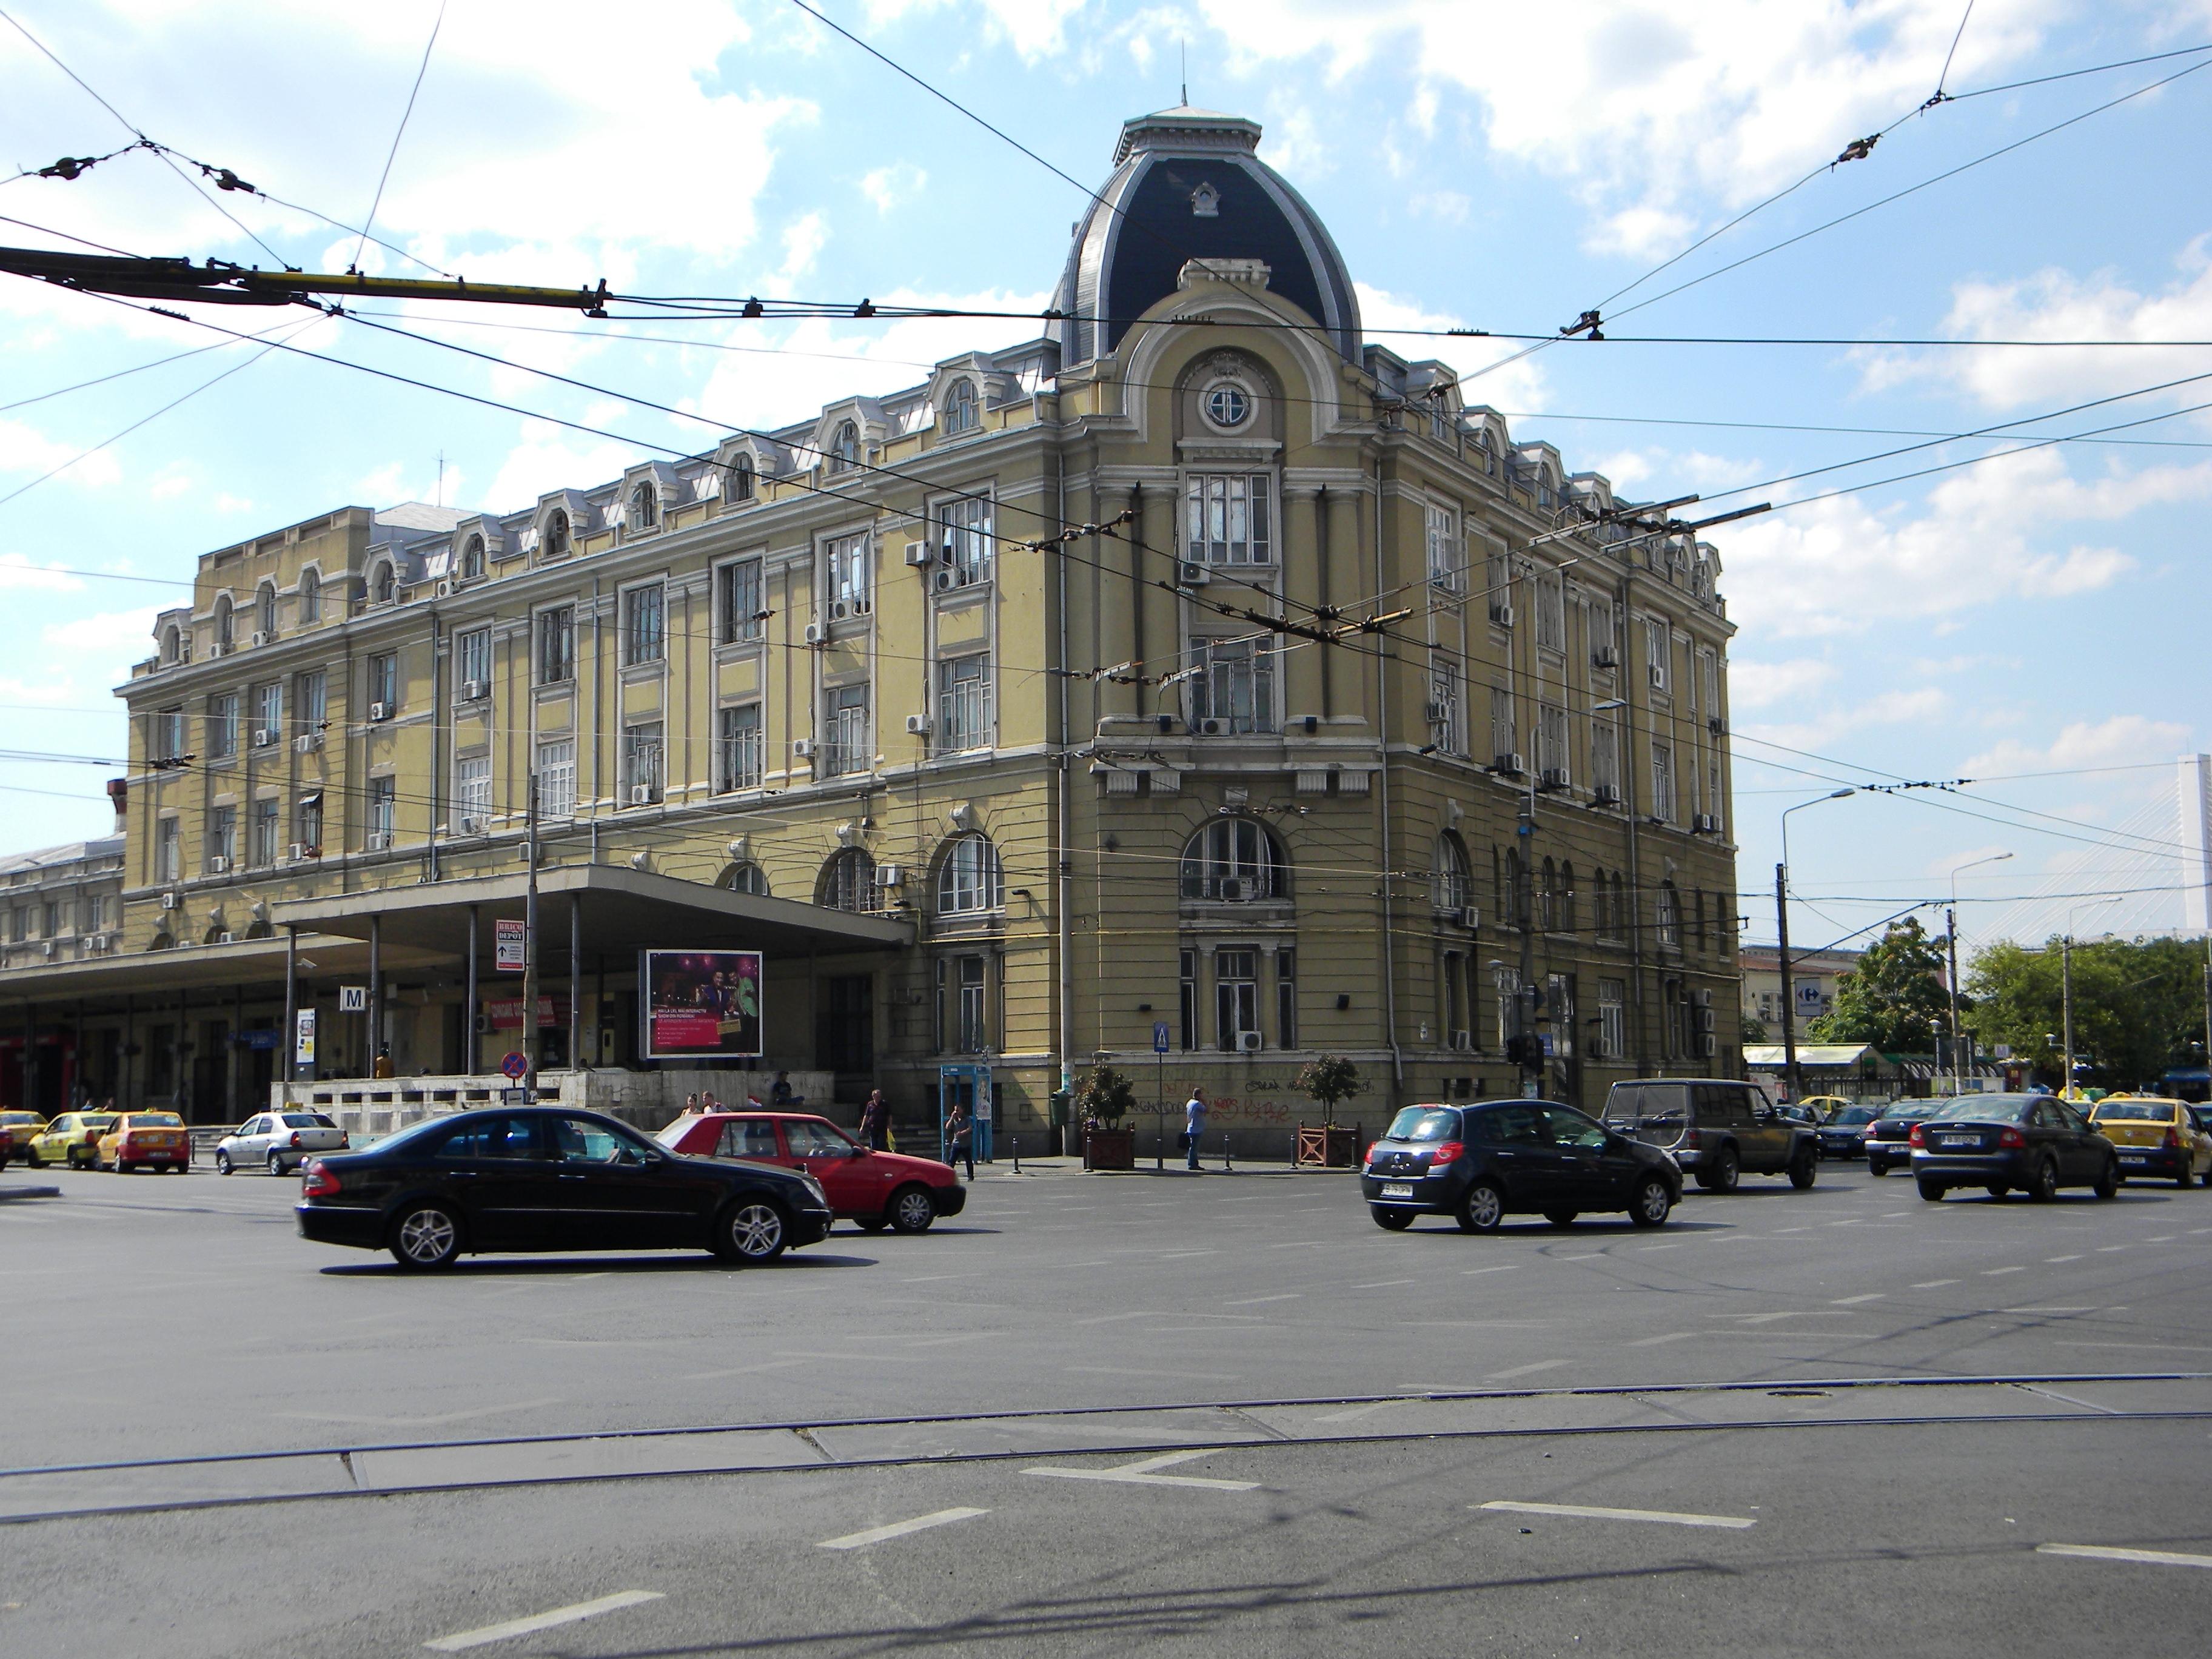 File:Palatul tribunalului Bucuresti.jpg - Wikimedia Commons  |Bucuresti